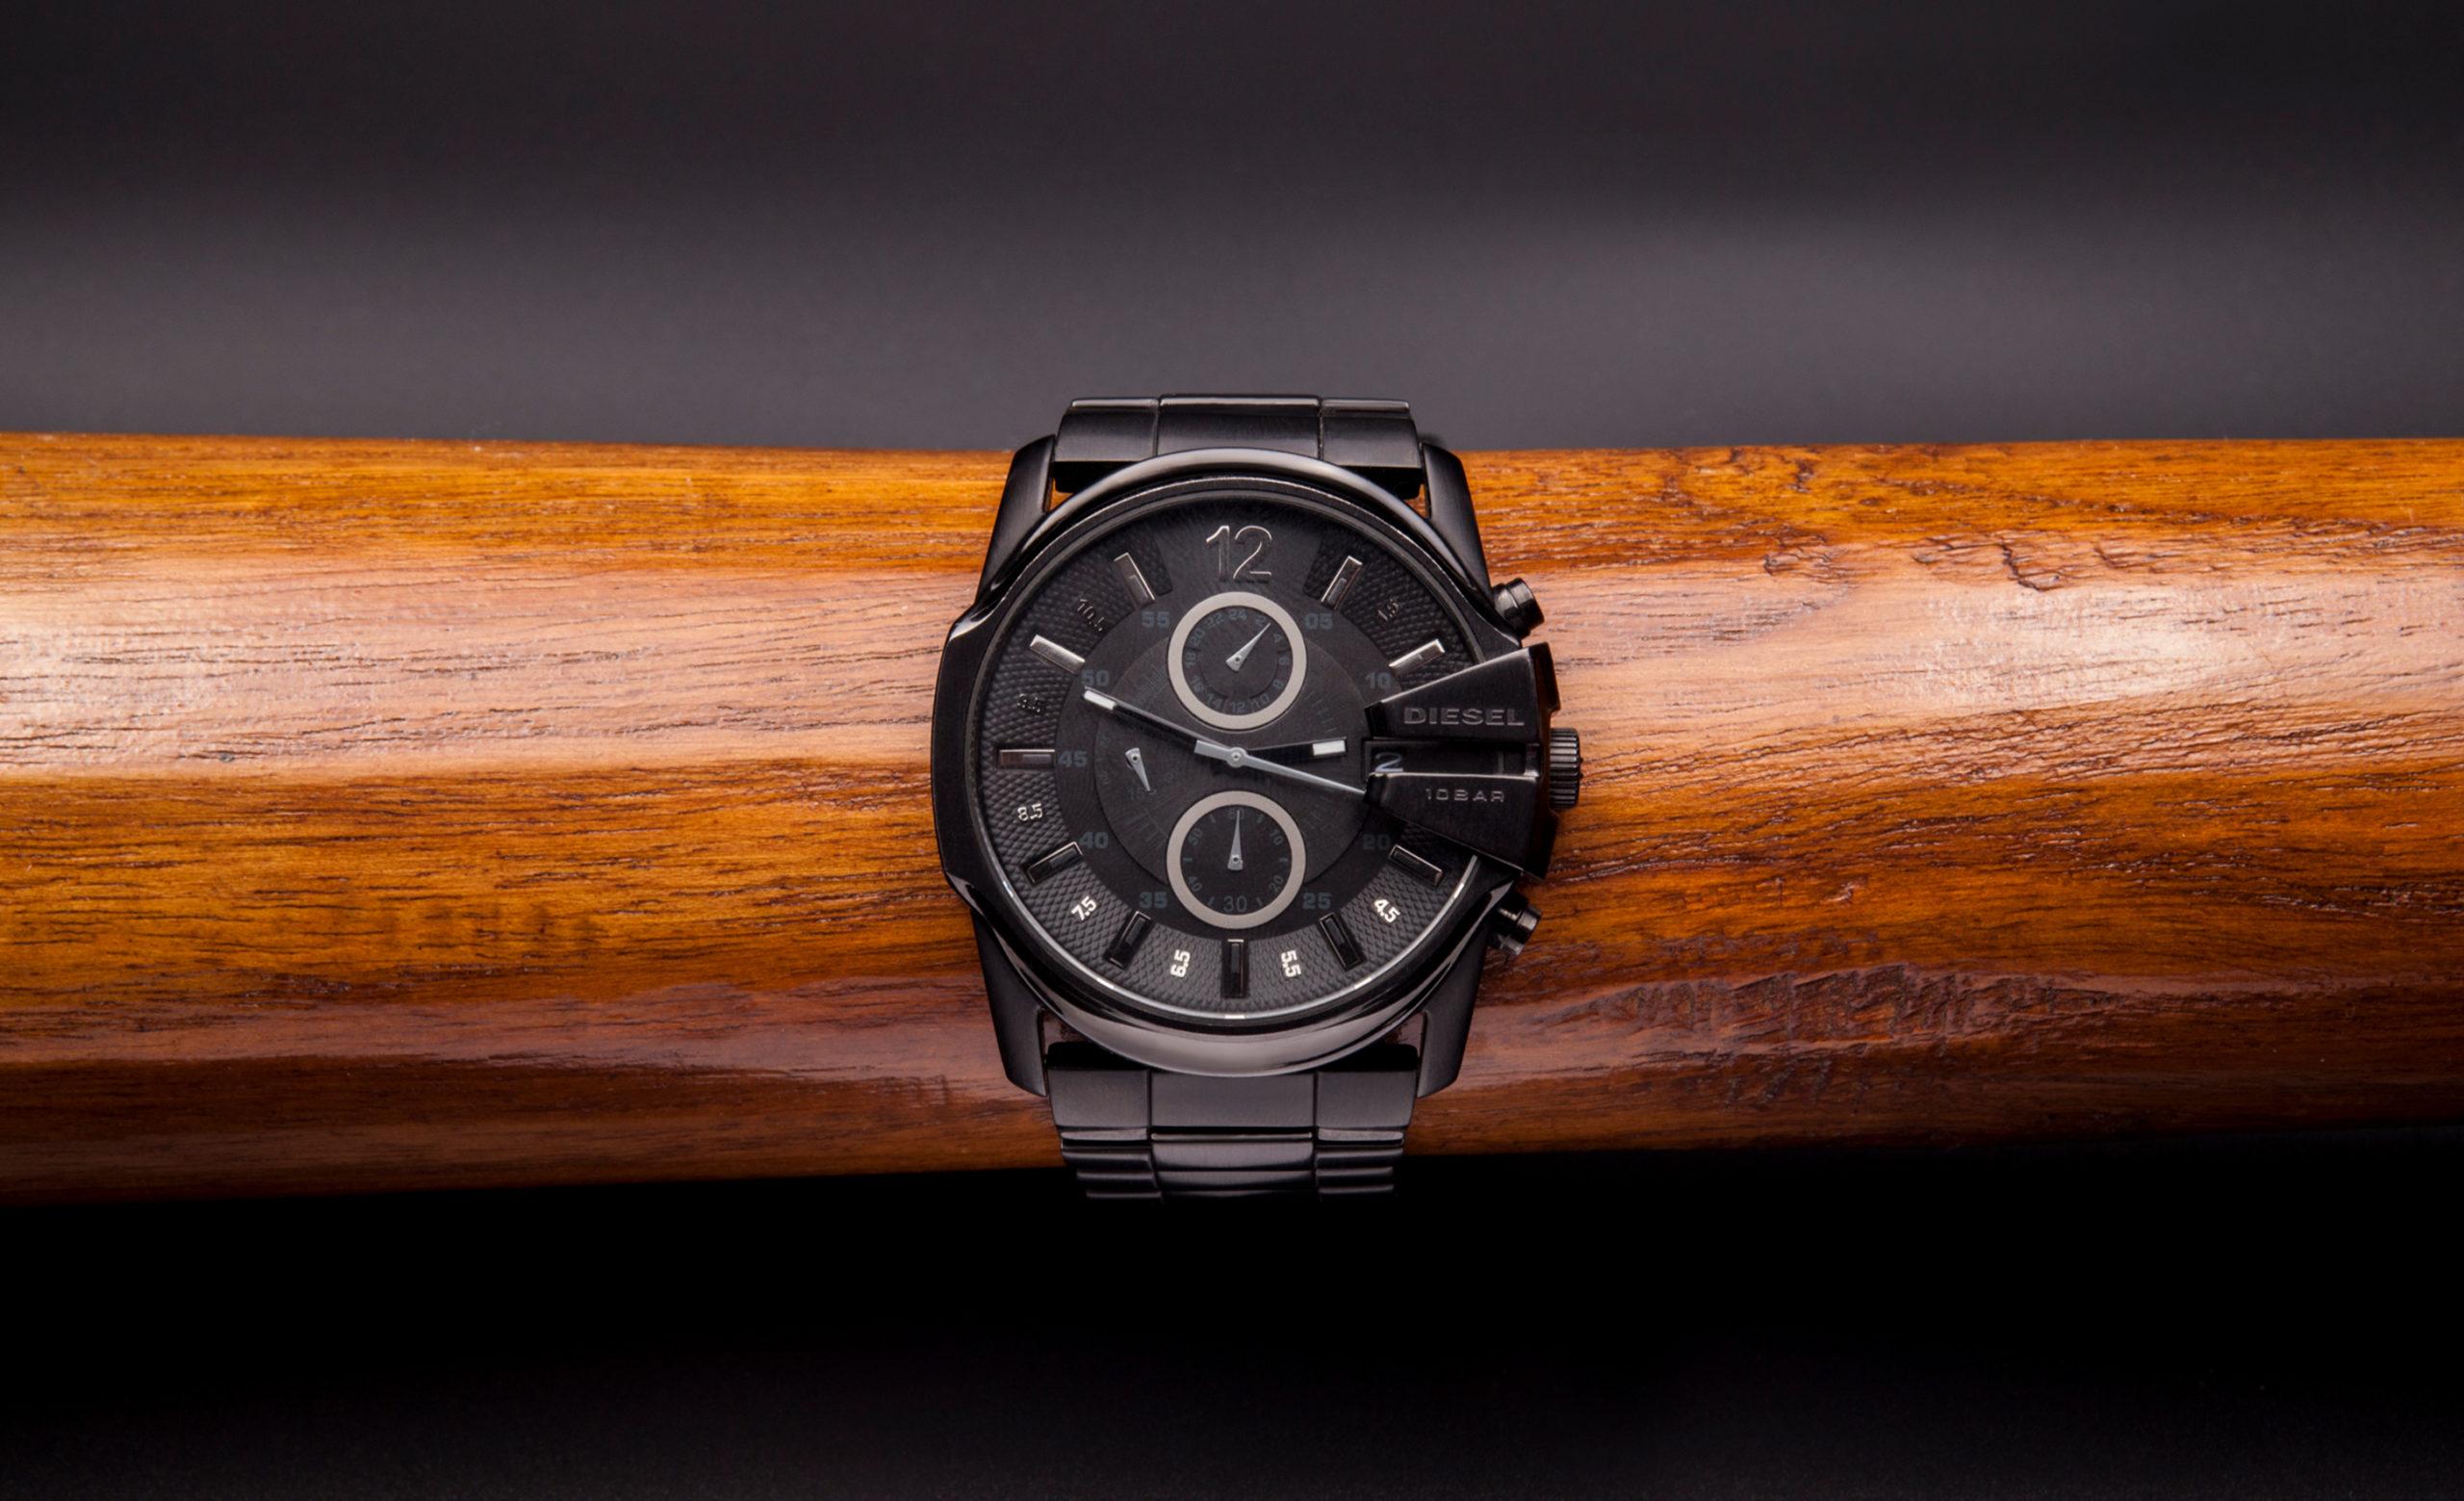 Foto orologi per e-commerce